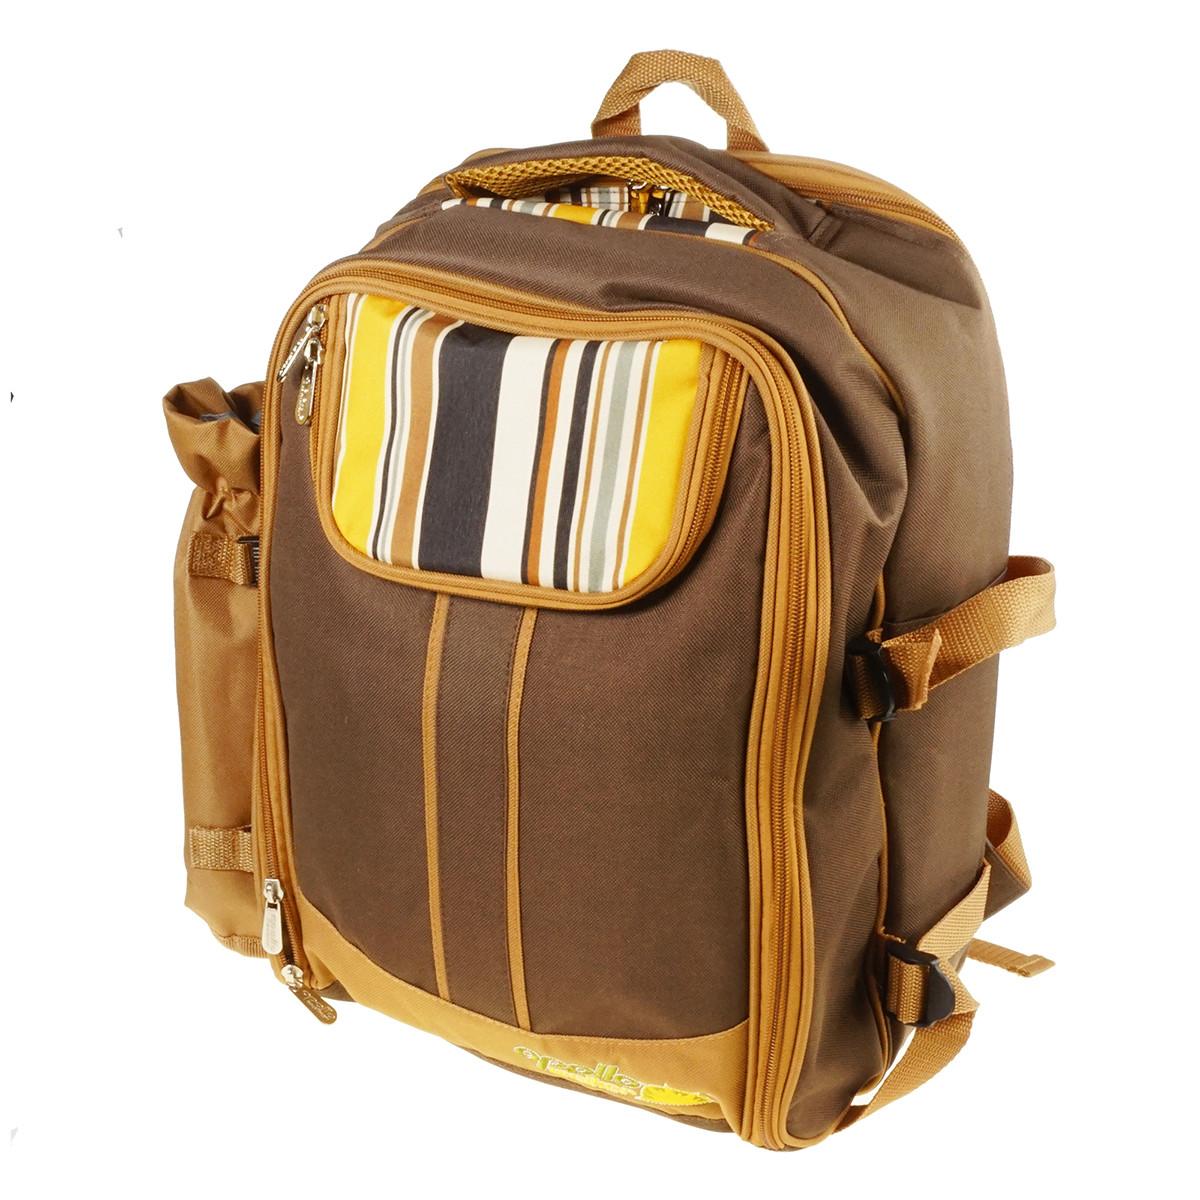 Рюкзак с набором для пикника на 4 персоны - посуда, столовые приборы, плед